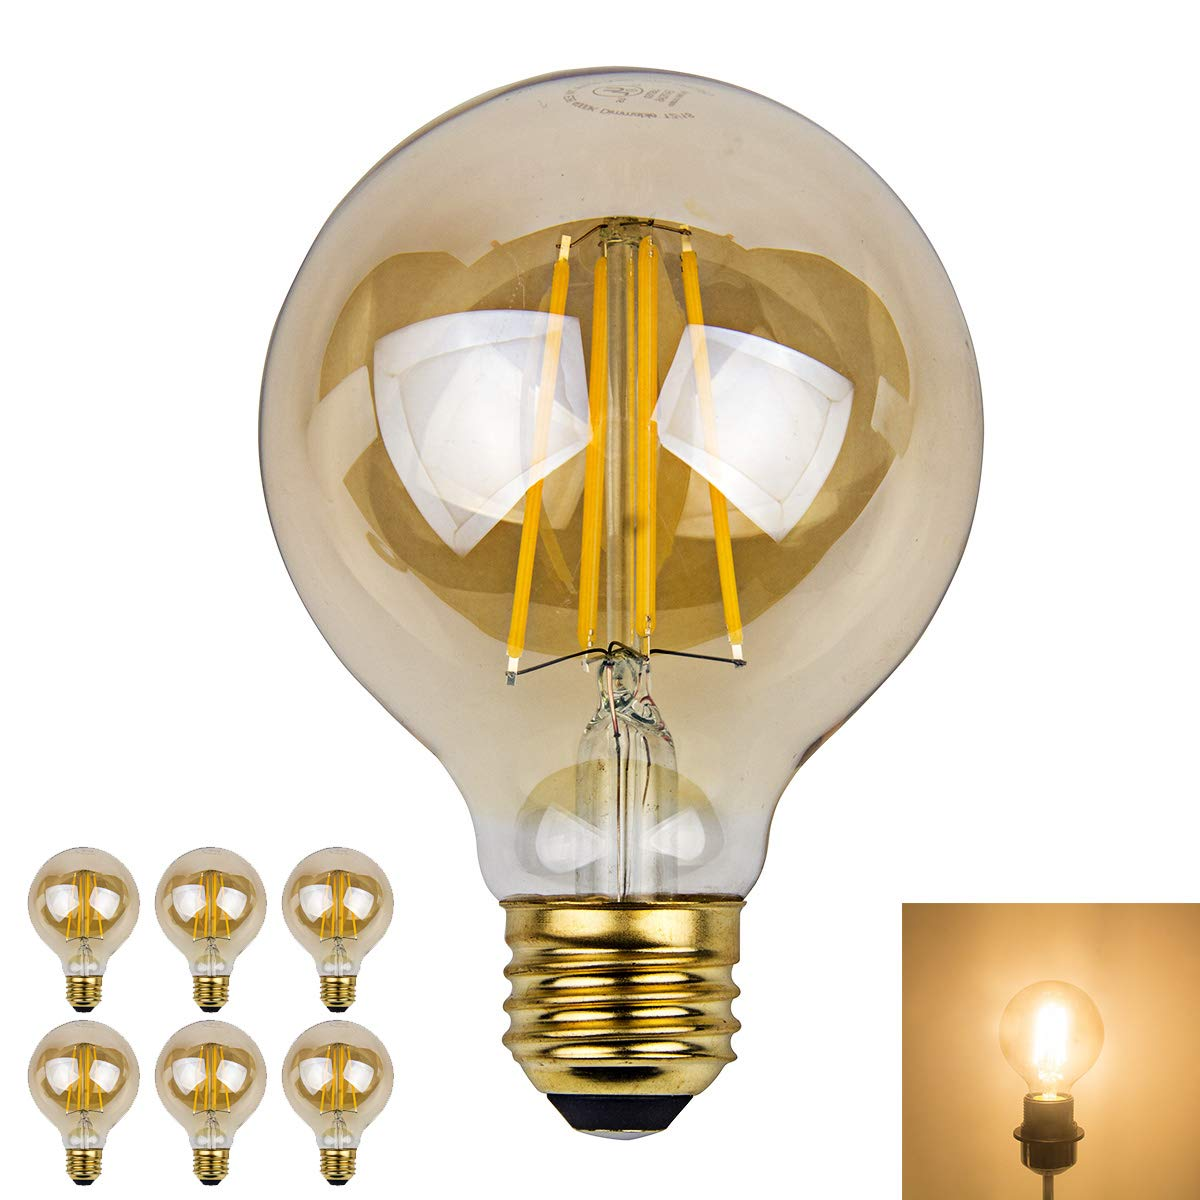 70W Equivalent Dimmable Edison Led Globe Light Bulb G25 Daylight Nature White Bathroom Vanity Light Bulb 7W Daylight, 6 Pack E26 Base Pack of 6